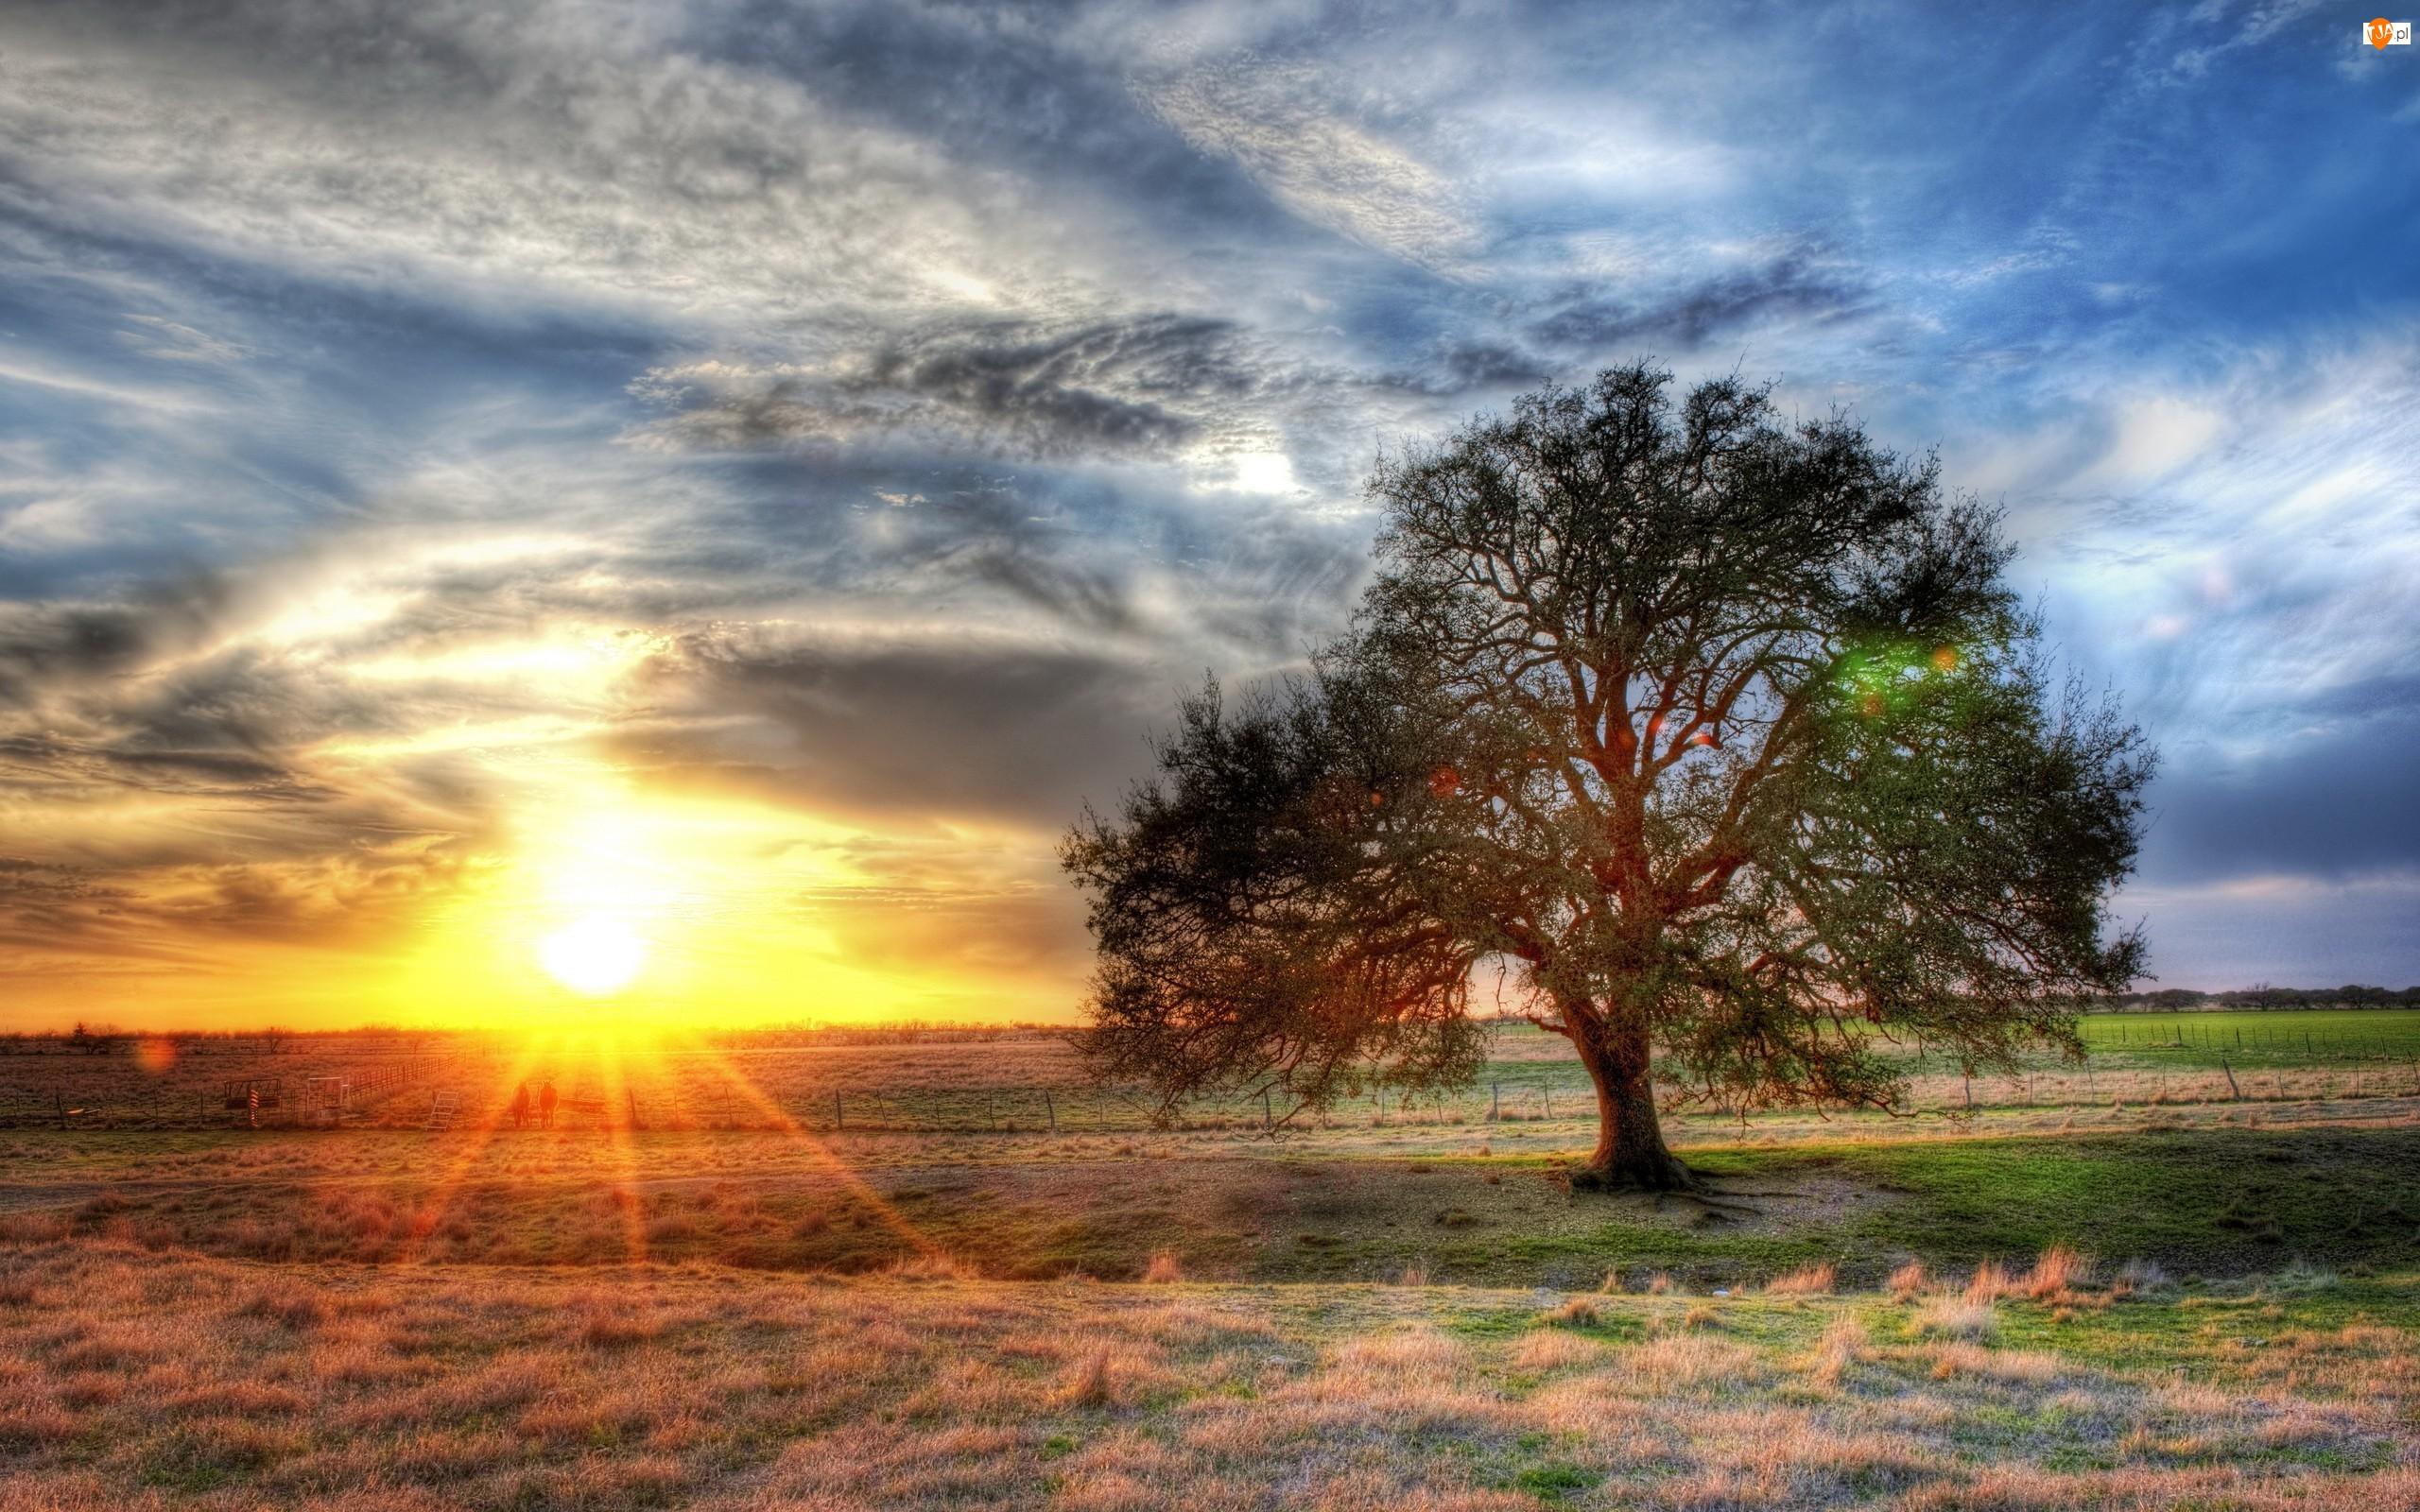 USA, Zachód, Farma, Słońca, Teksas